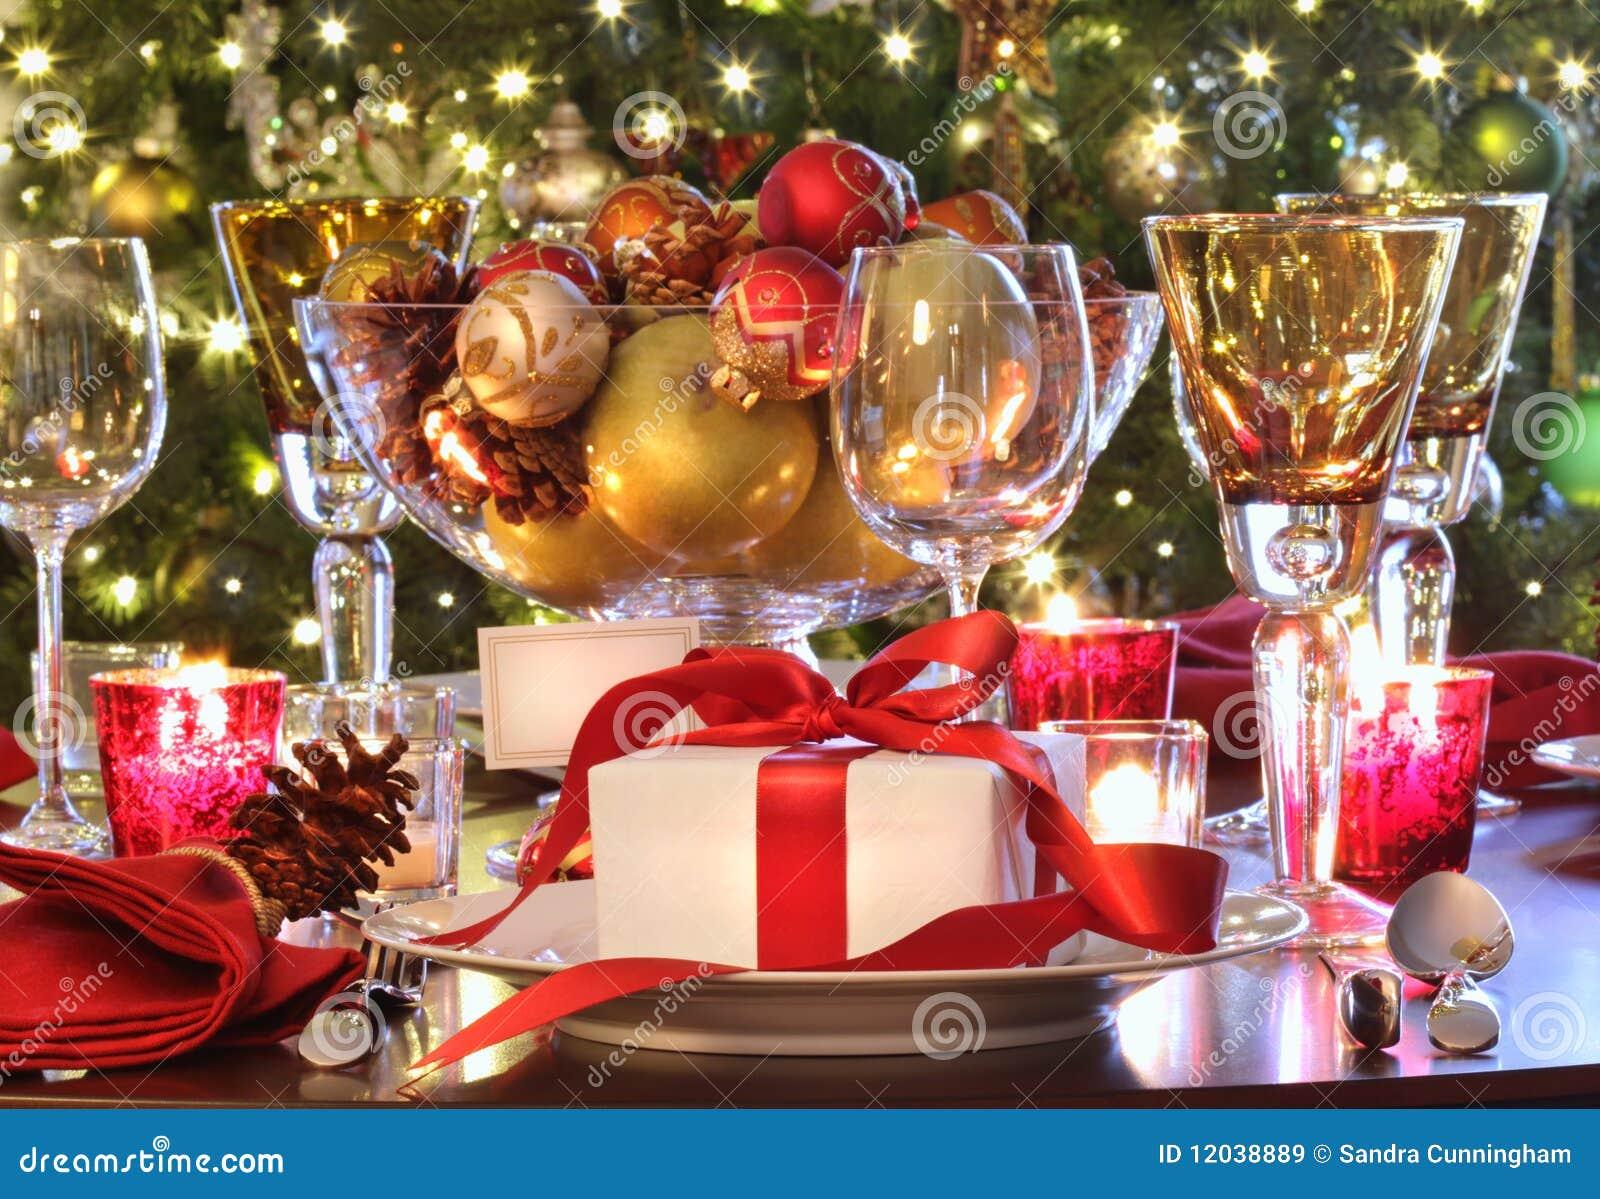 礼品节假日红色丝带设置表